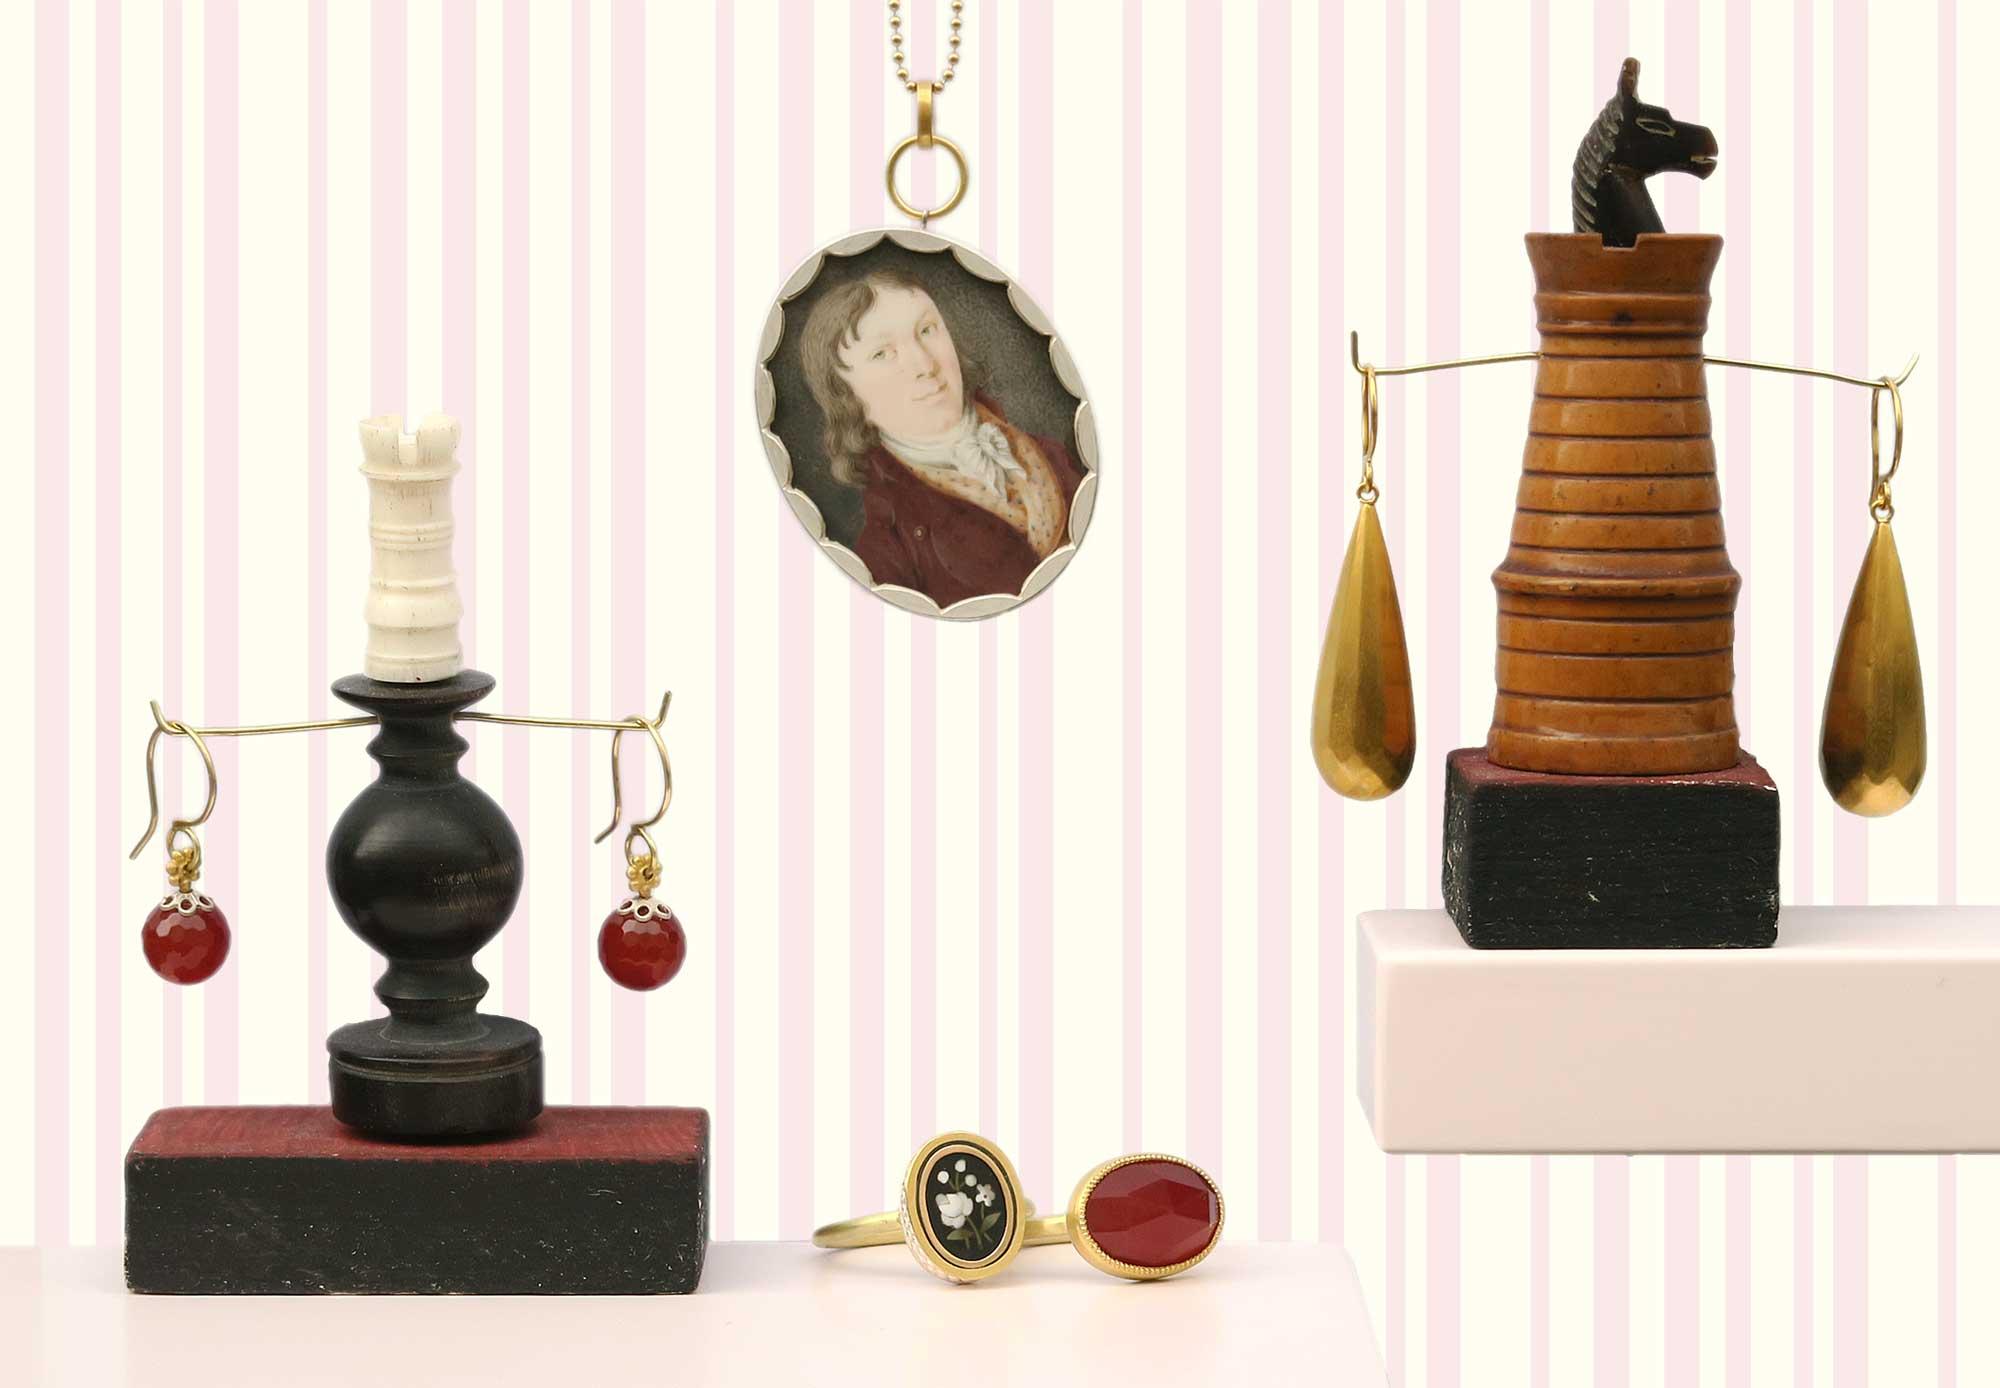 Ohrringe mit Carneolkugeln, Ringe aus Pietra Dura und Carneol